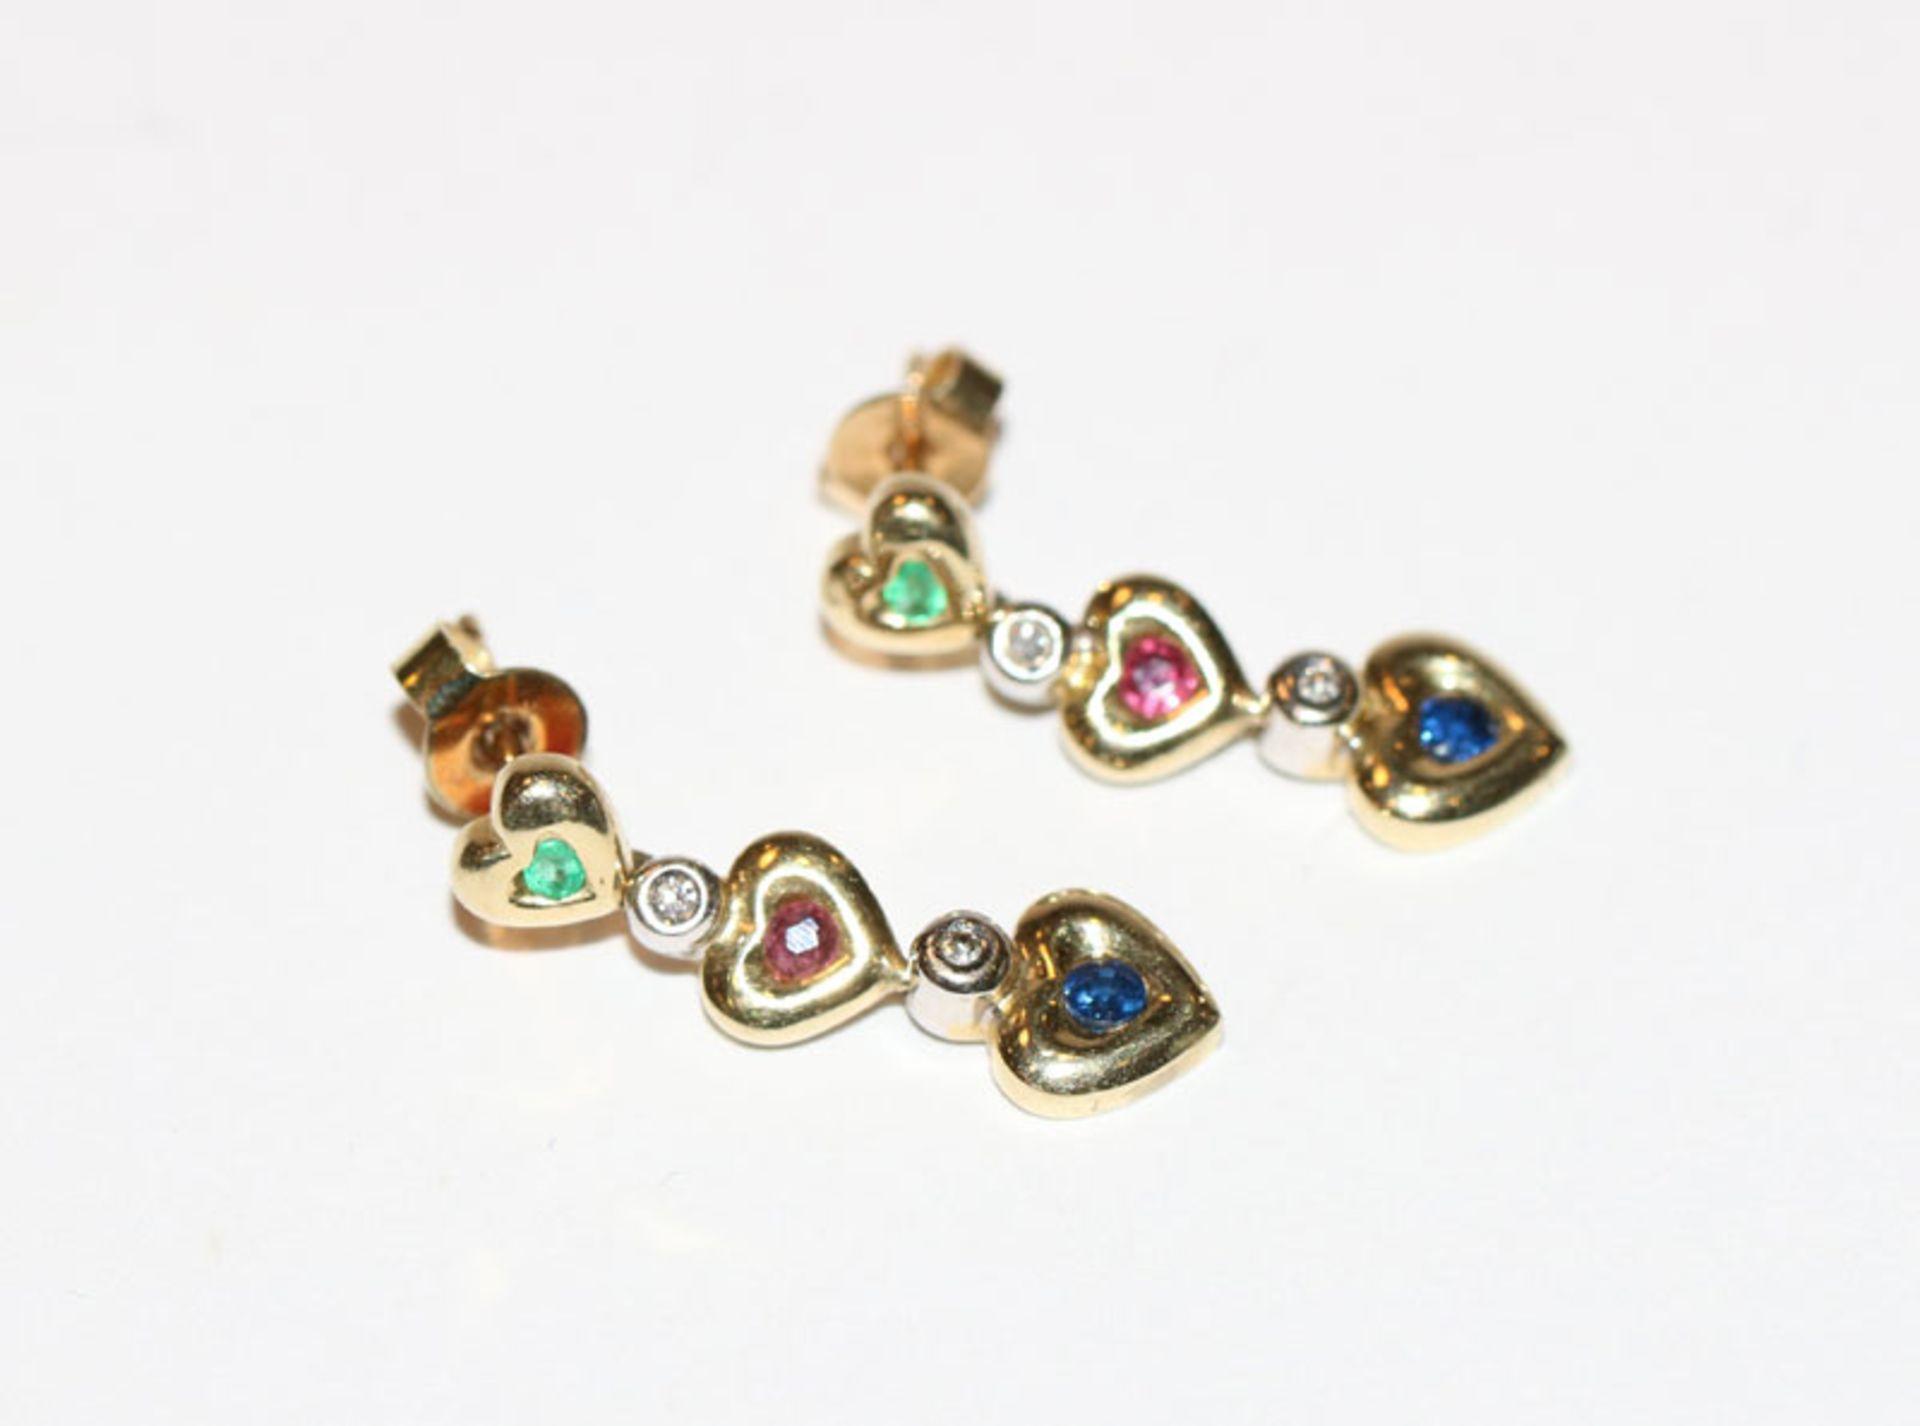 Paar 14 k Gelbgold Ohrstecker in Herzform mit Diamant, Rubin, Smaragd und Safir, L 2,2 cm